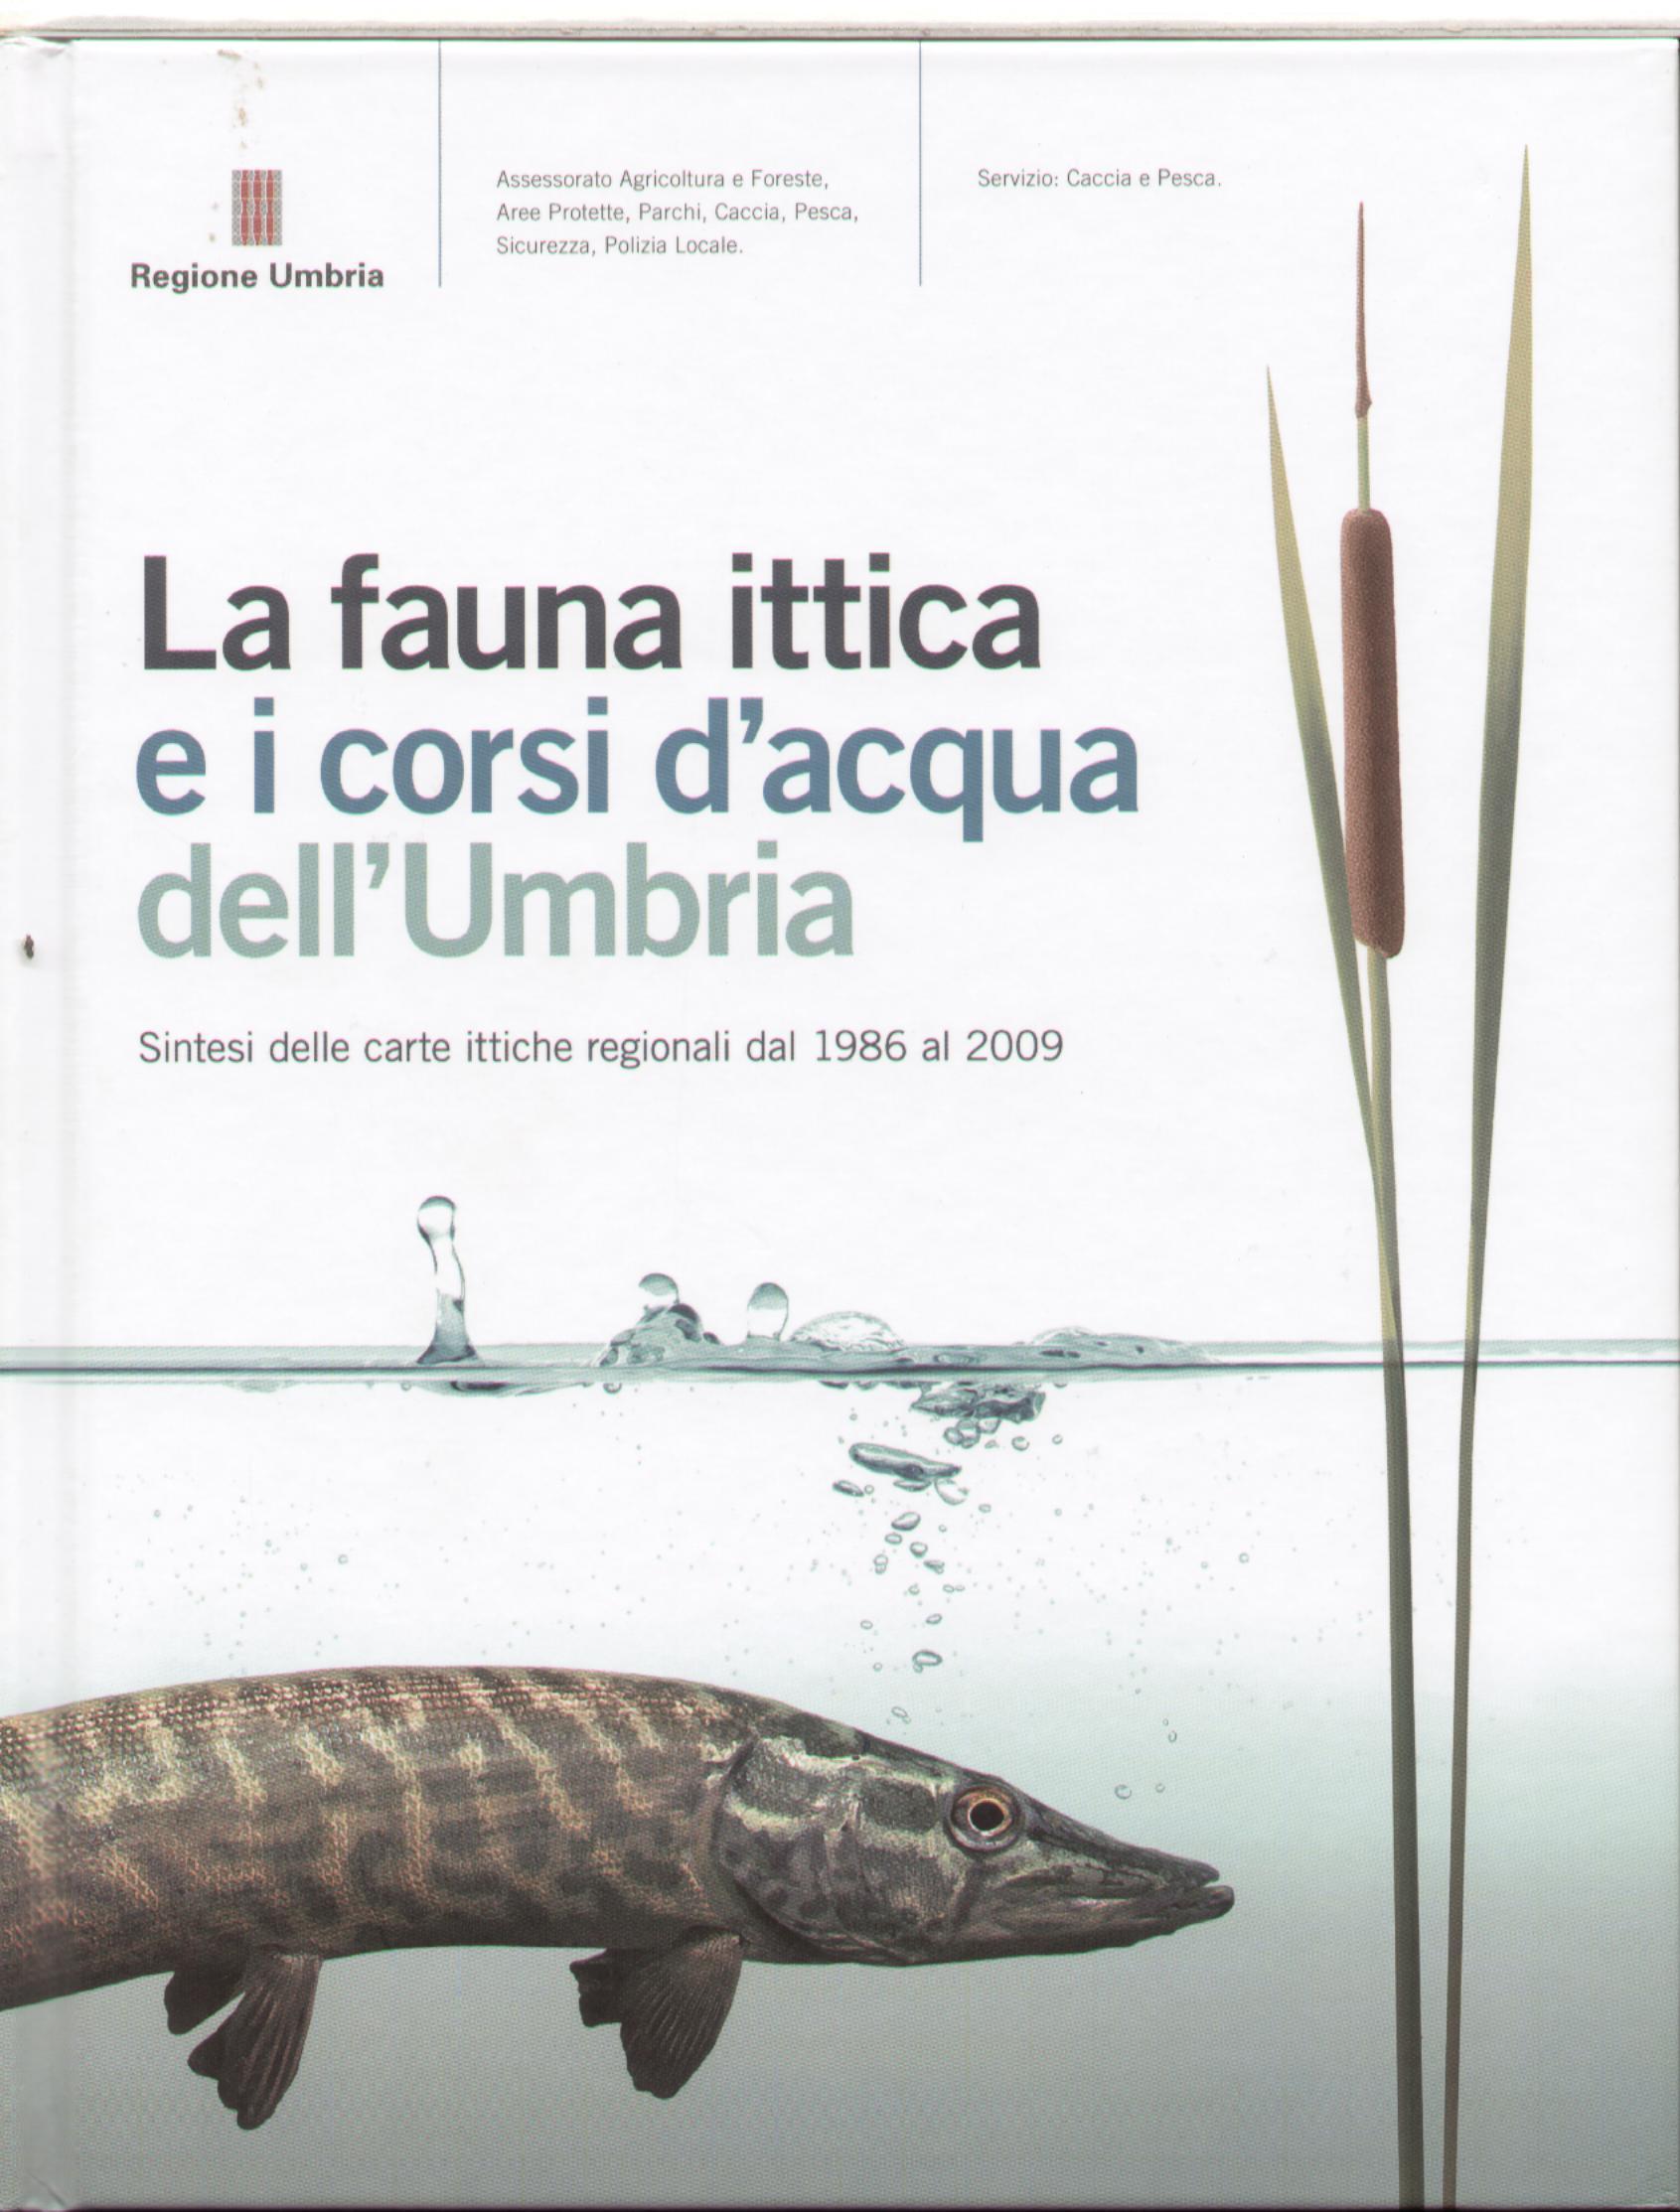 La fauna ittica e i corsi d'acqua dell'Umbria